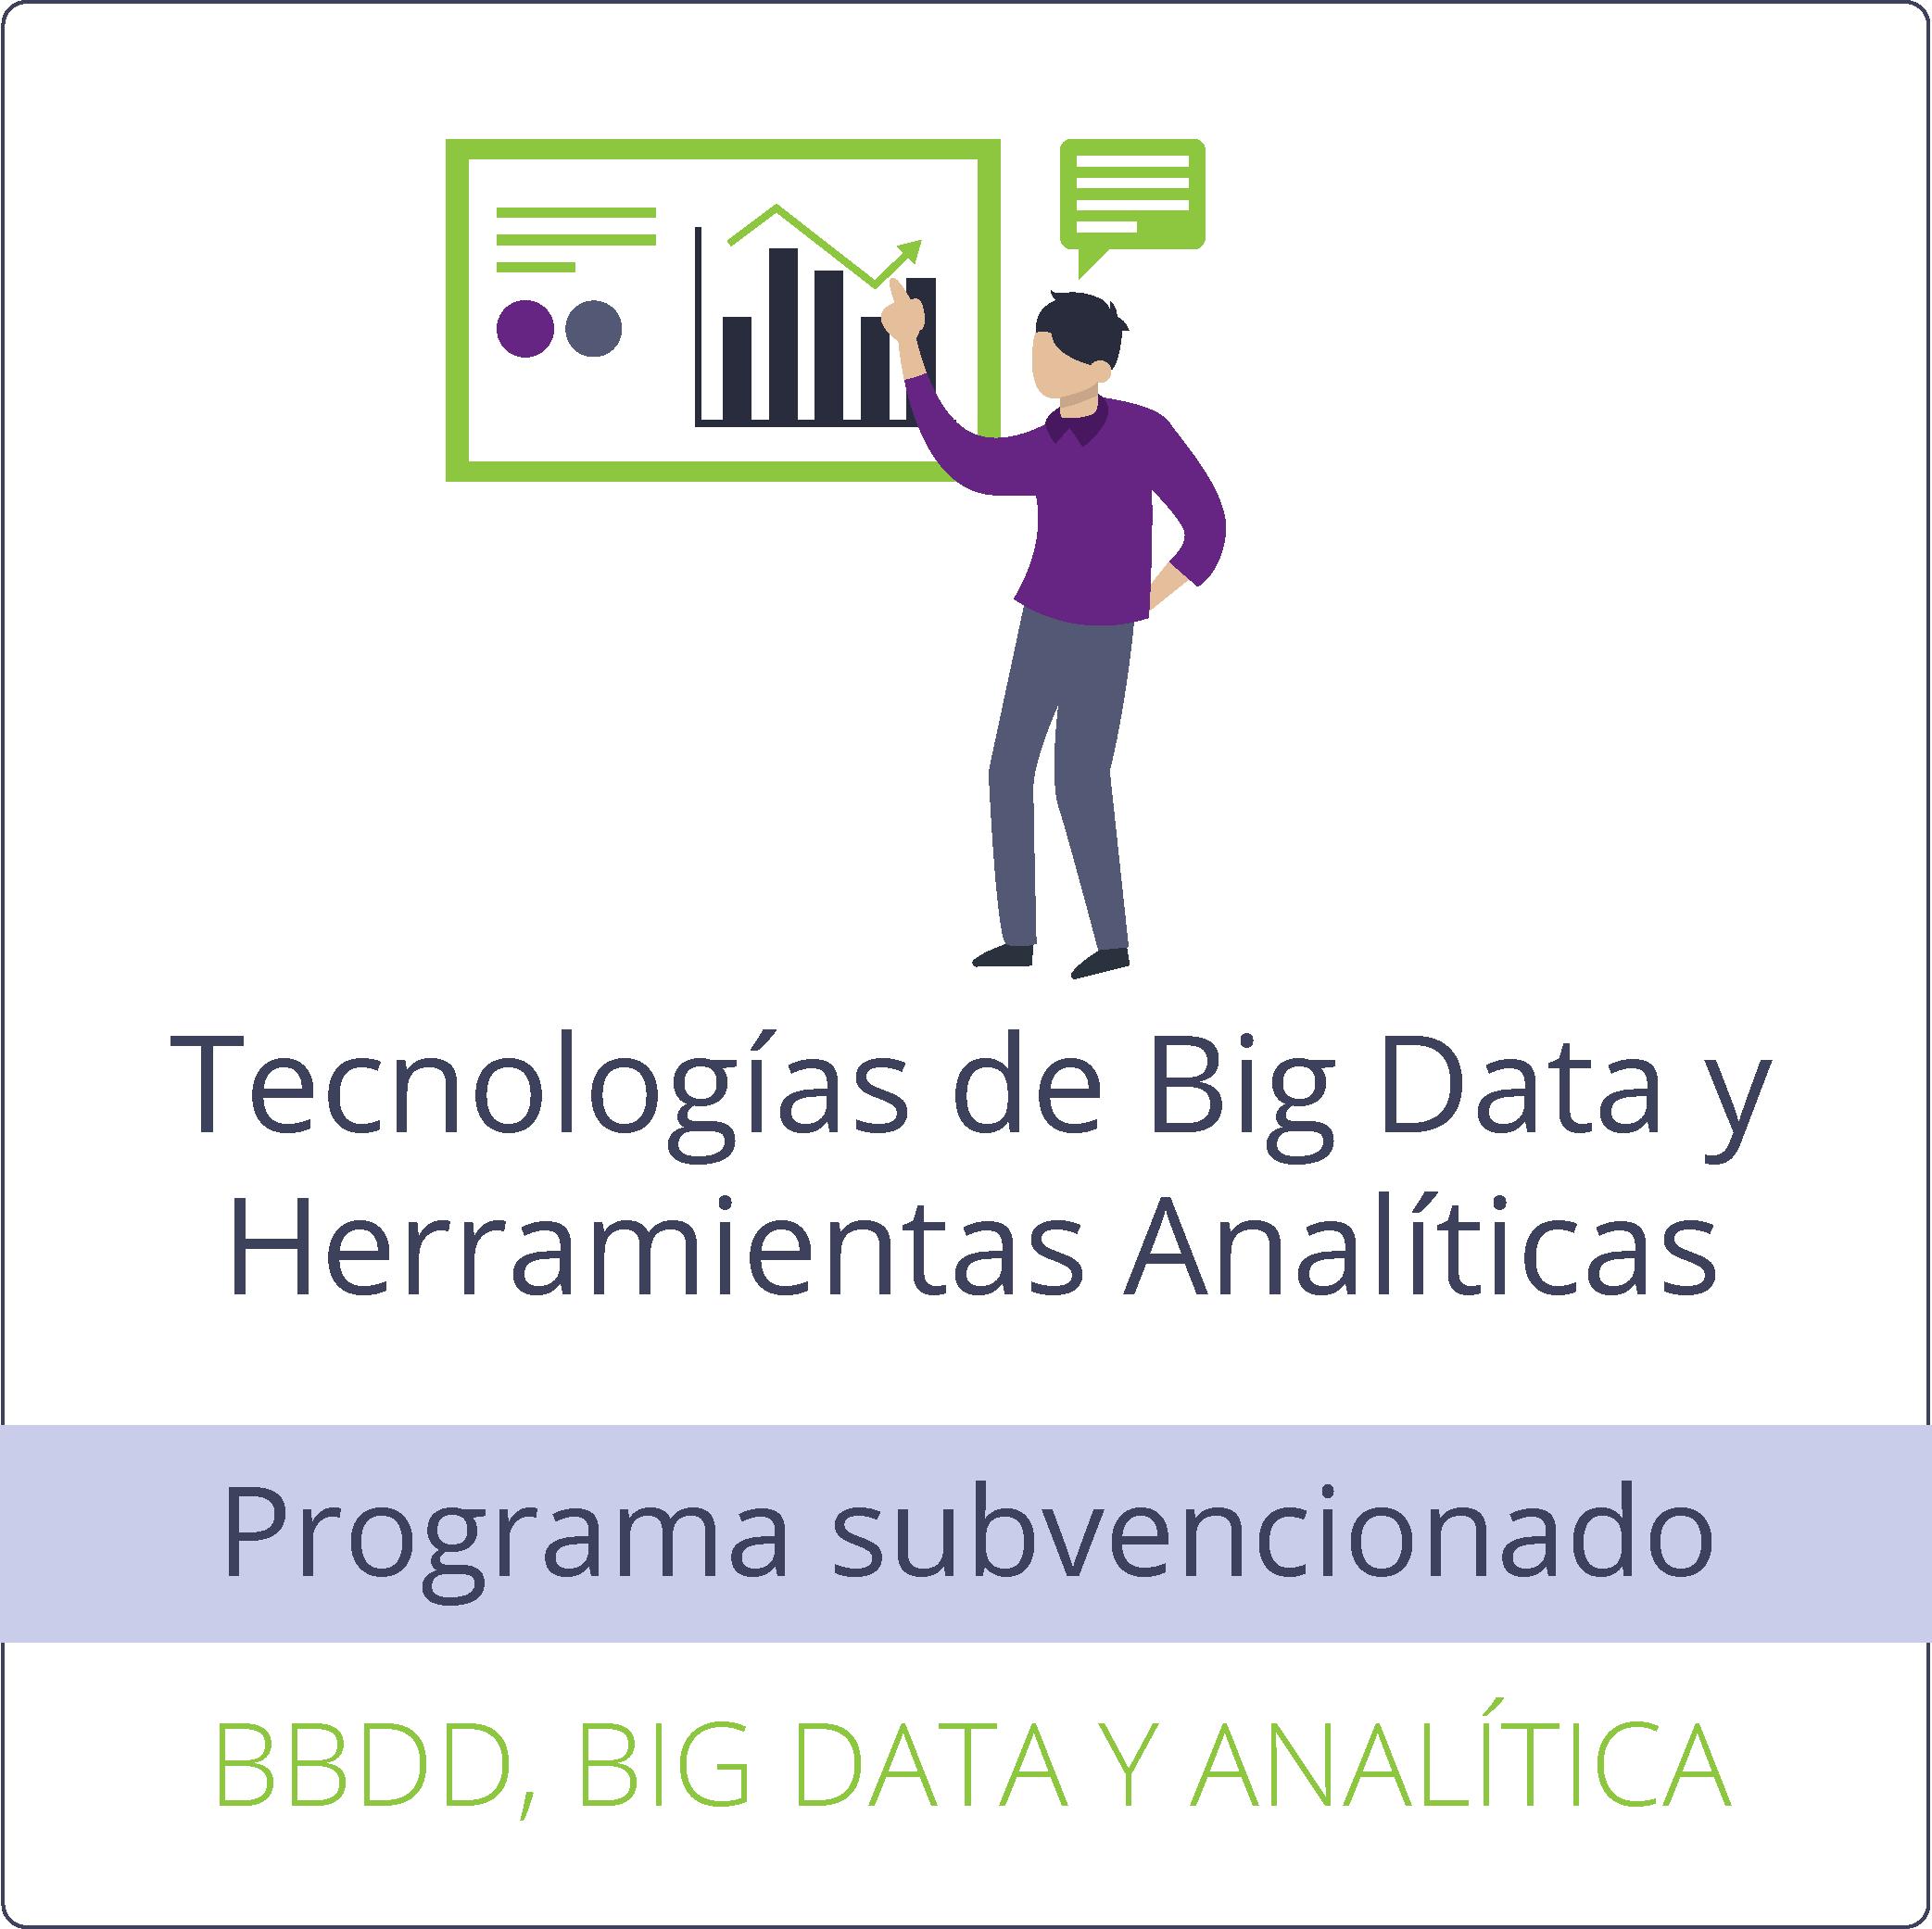 Tecnologías de Big Data y herramientas analíticas: nuevas herramientas para nuevos tiempos (gratuito)